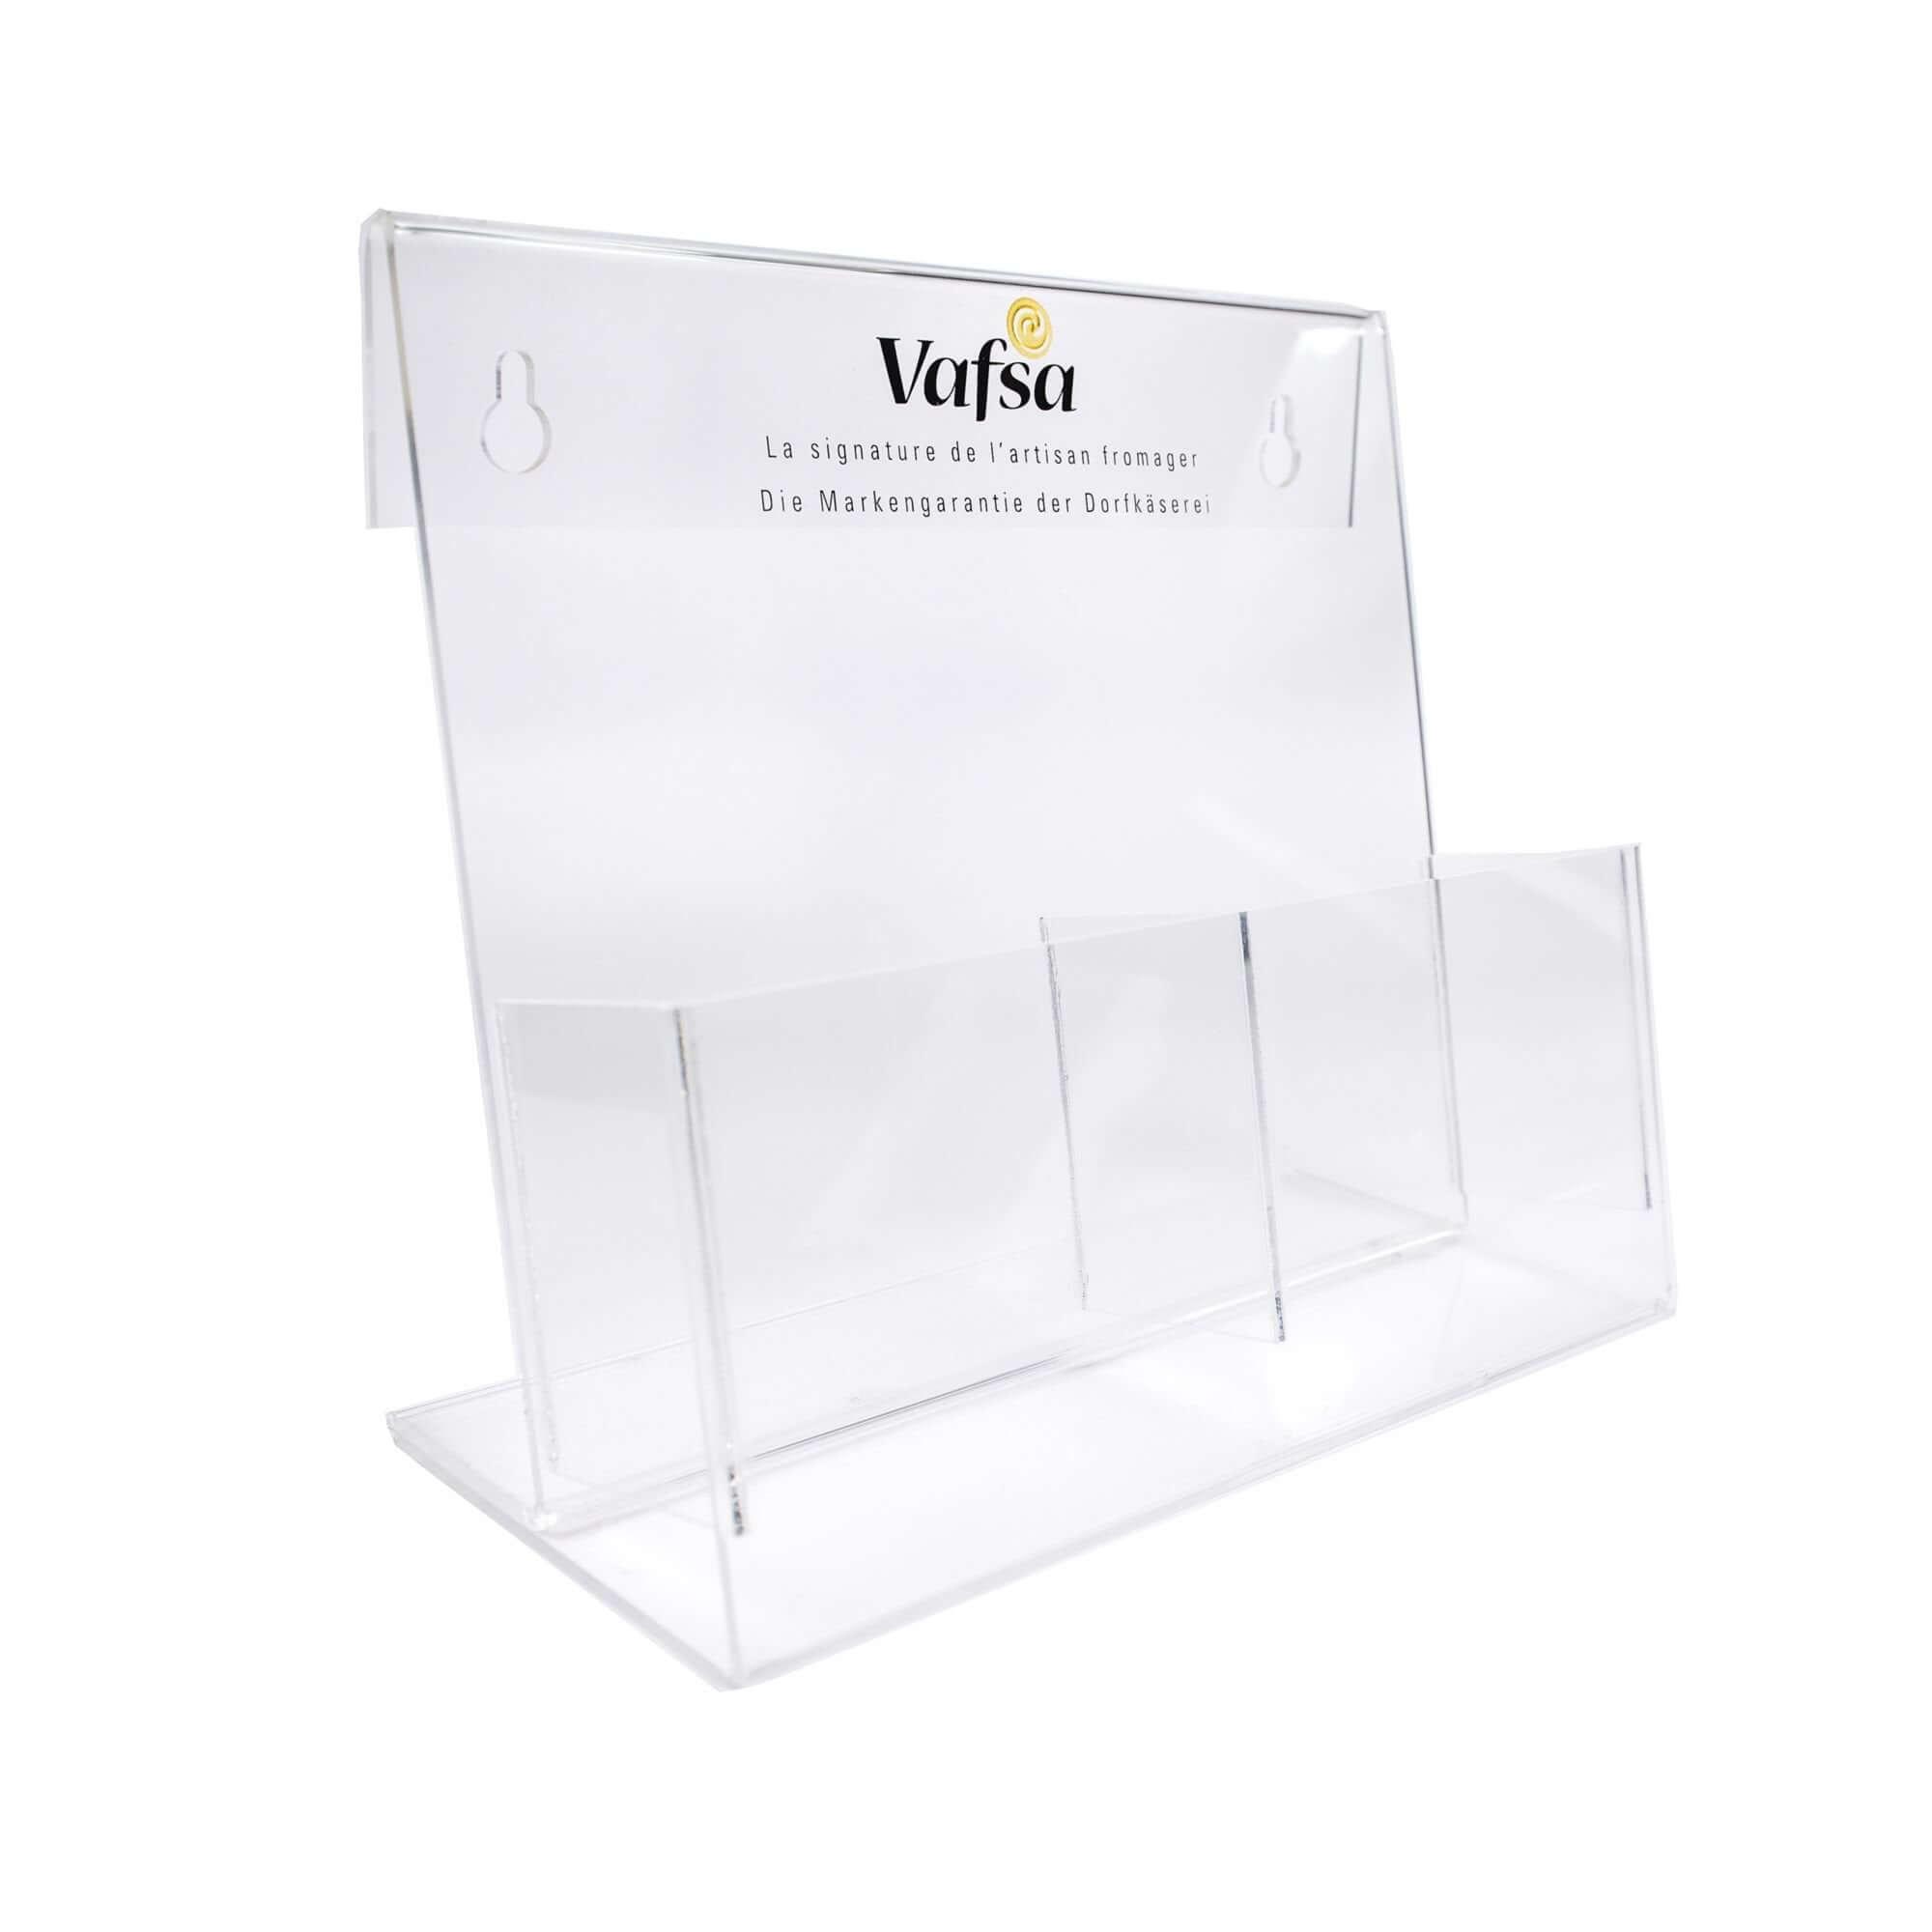 Acryline Prospektständer Prospektsteller aus Acrylglas acryl kunststoff prospektehalter prospekthalter broschürenhalter werbehalter prospekte halter display verkaufsförderung aussteller bedruckt